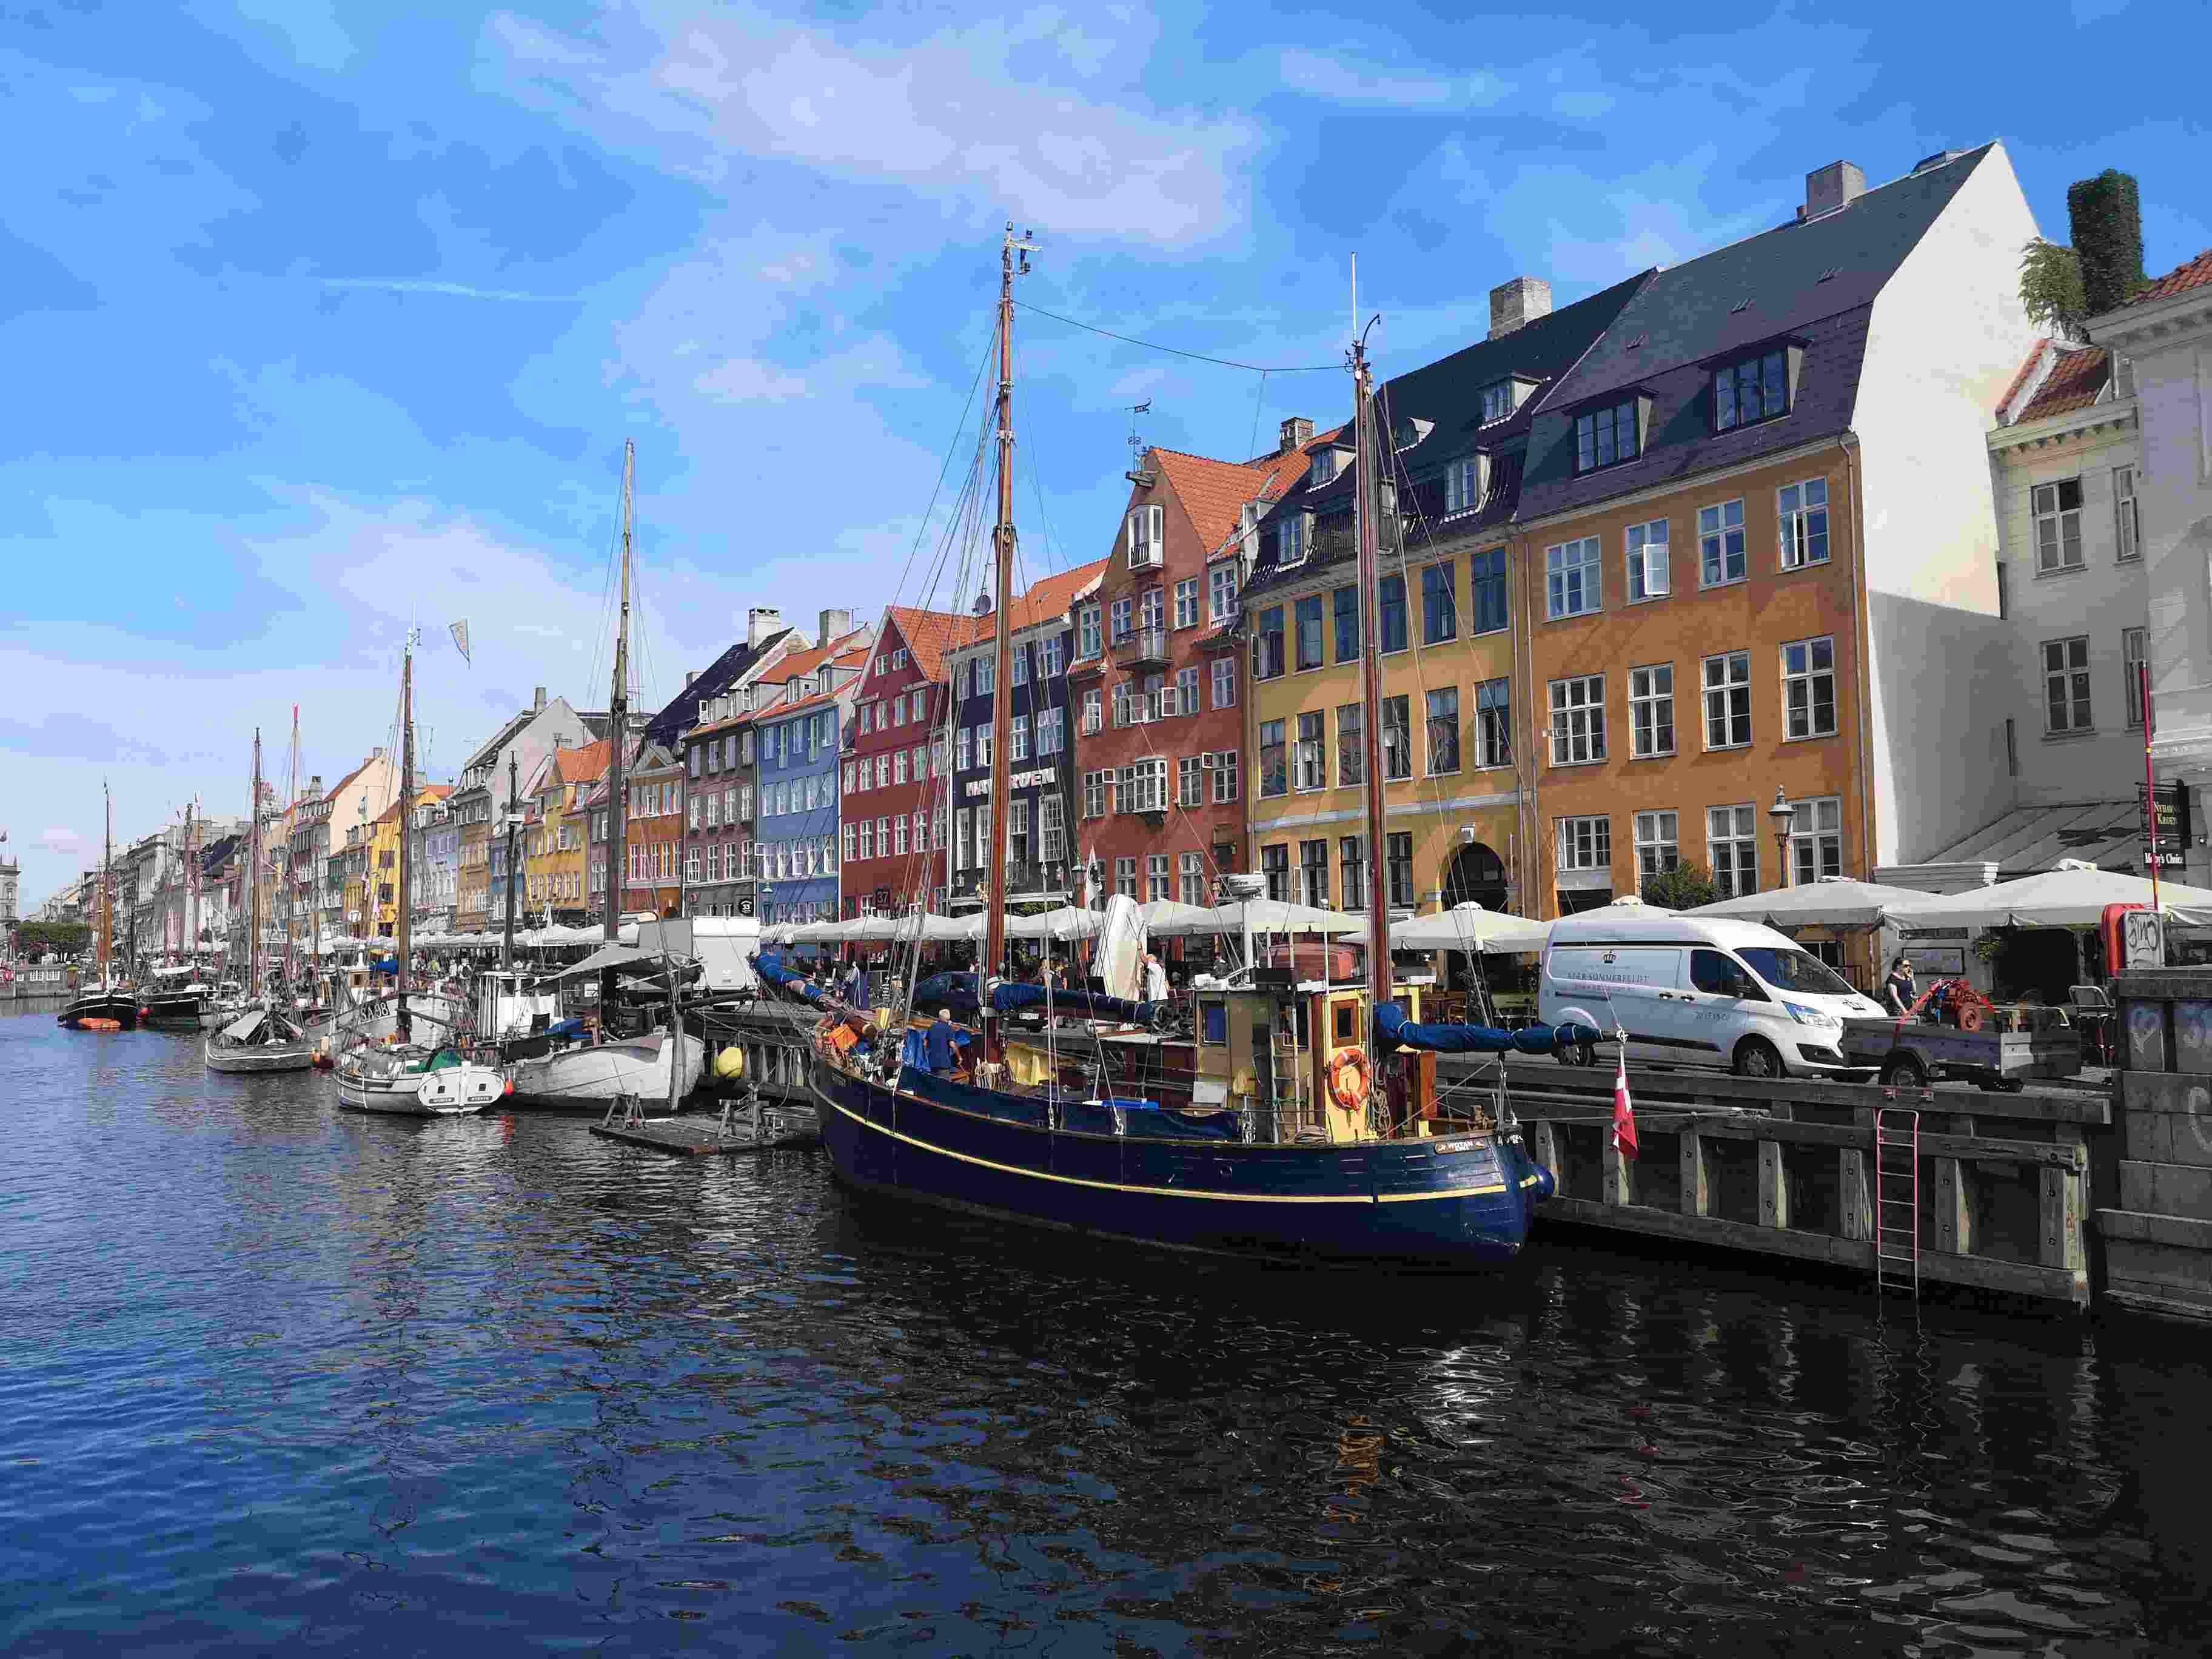 哥本哈根旅游景点